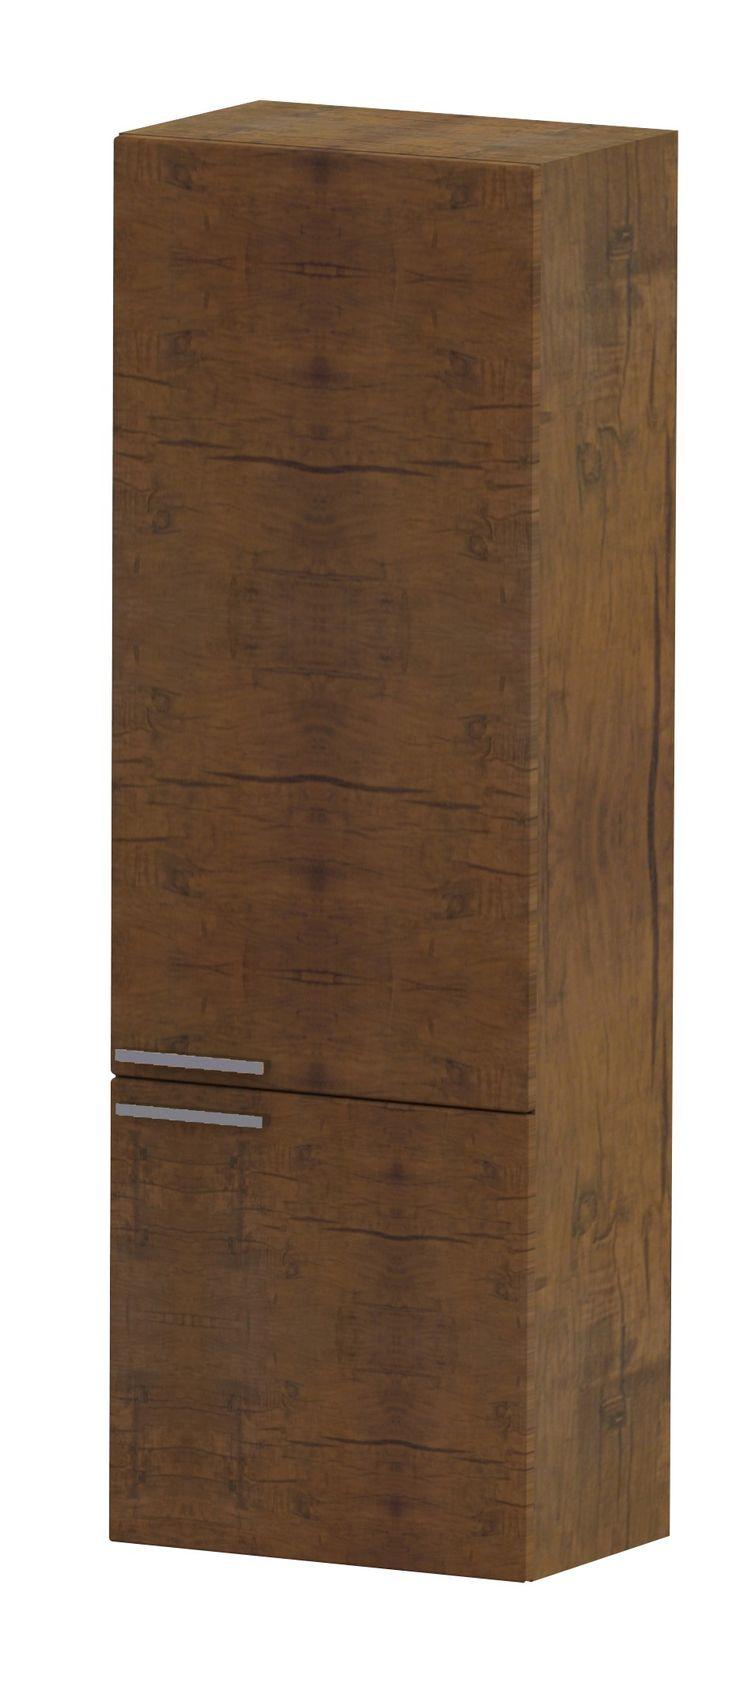 Meer dan 1000 ideeën over antiek hout op pinterest   zelfgemaakte ...